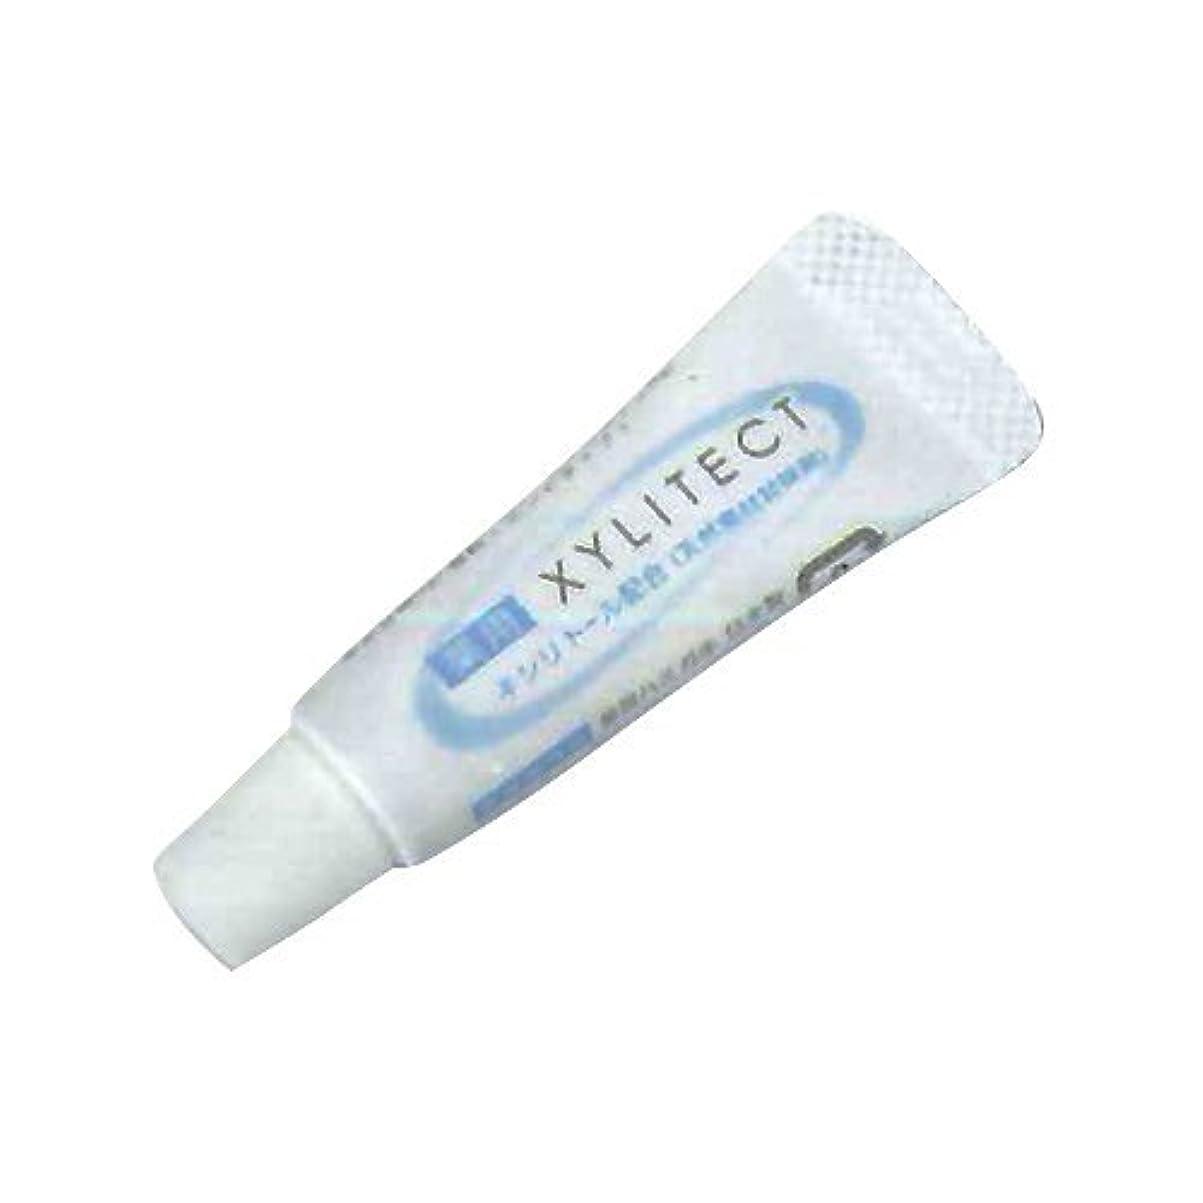 アプライアンステスピアングラマー業務用歯磨き粉 薬用キシリテクト (XYLITECT) 4.5g ×100個セット (個包装タイプ) | ホテルアメニティ ハミガキ toothpaste